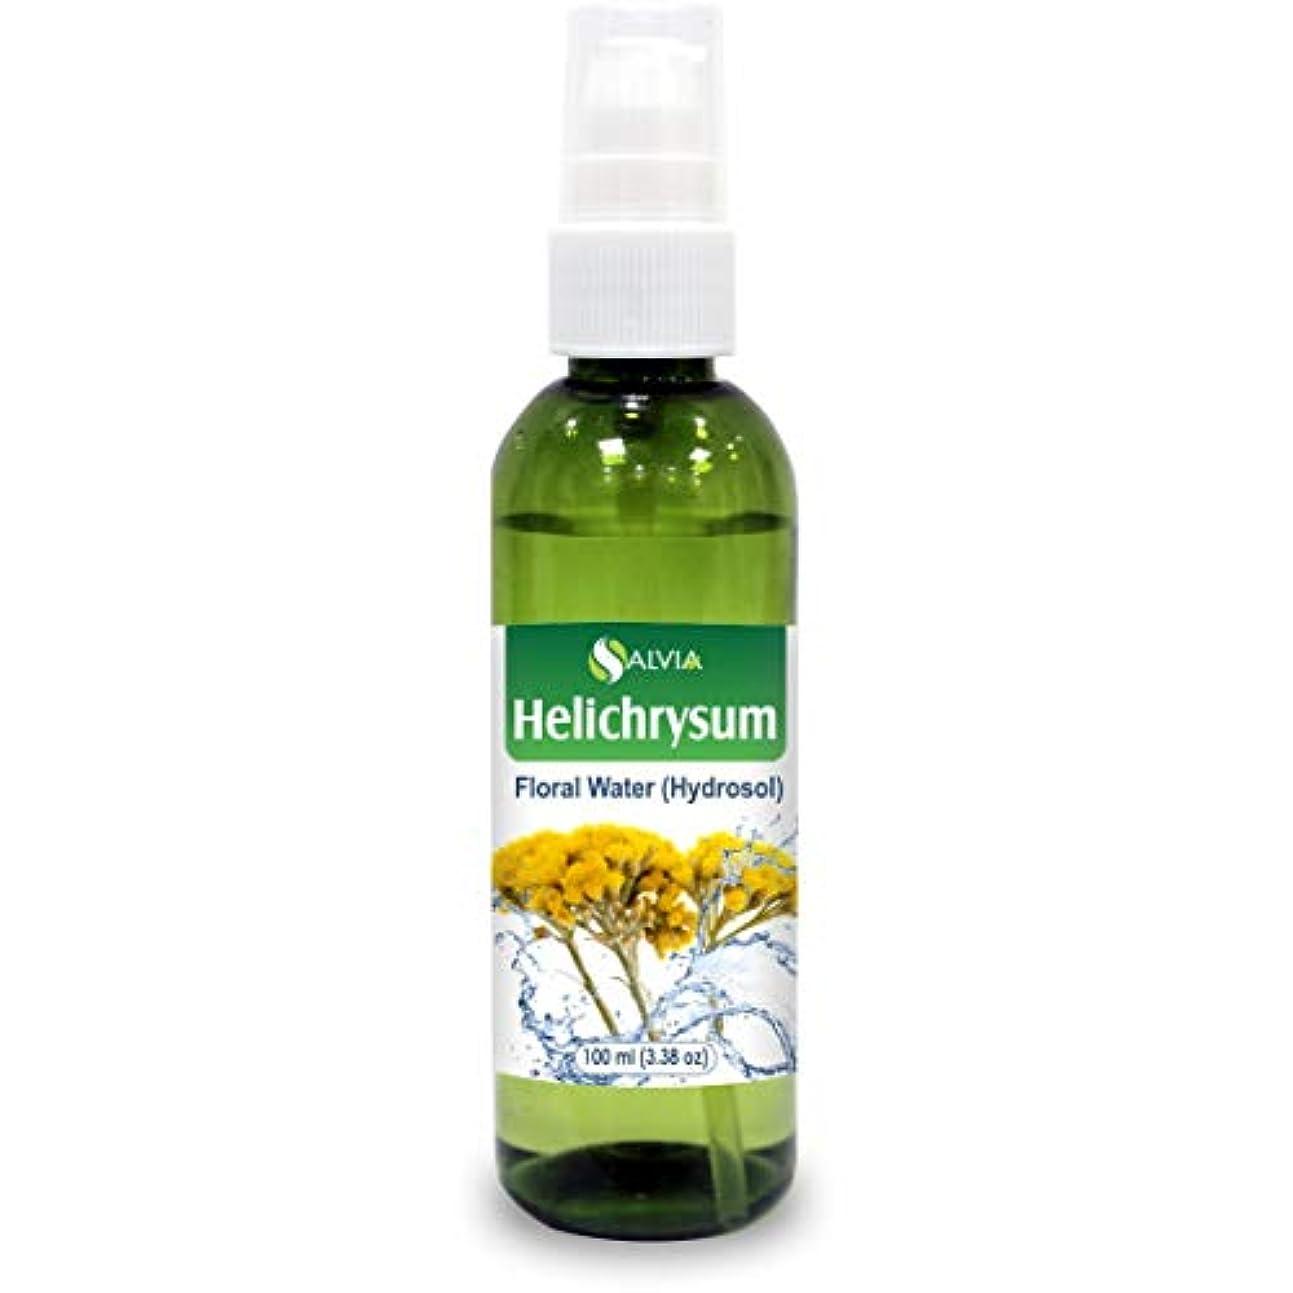 ディレクトリセレナバルブHelichrysum Floral Water 100ml (Hydrosol) 100% Pure And Natural